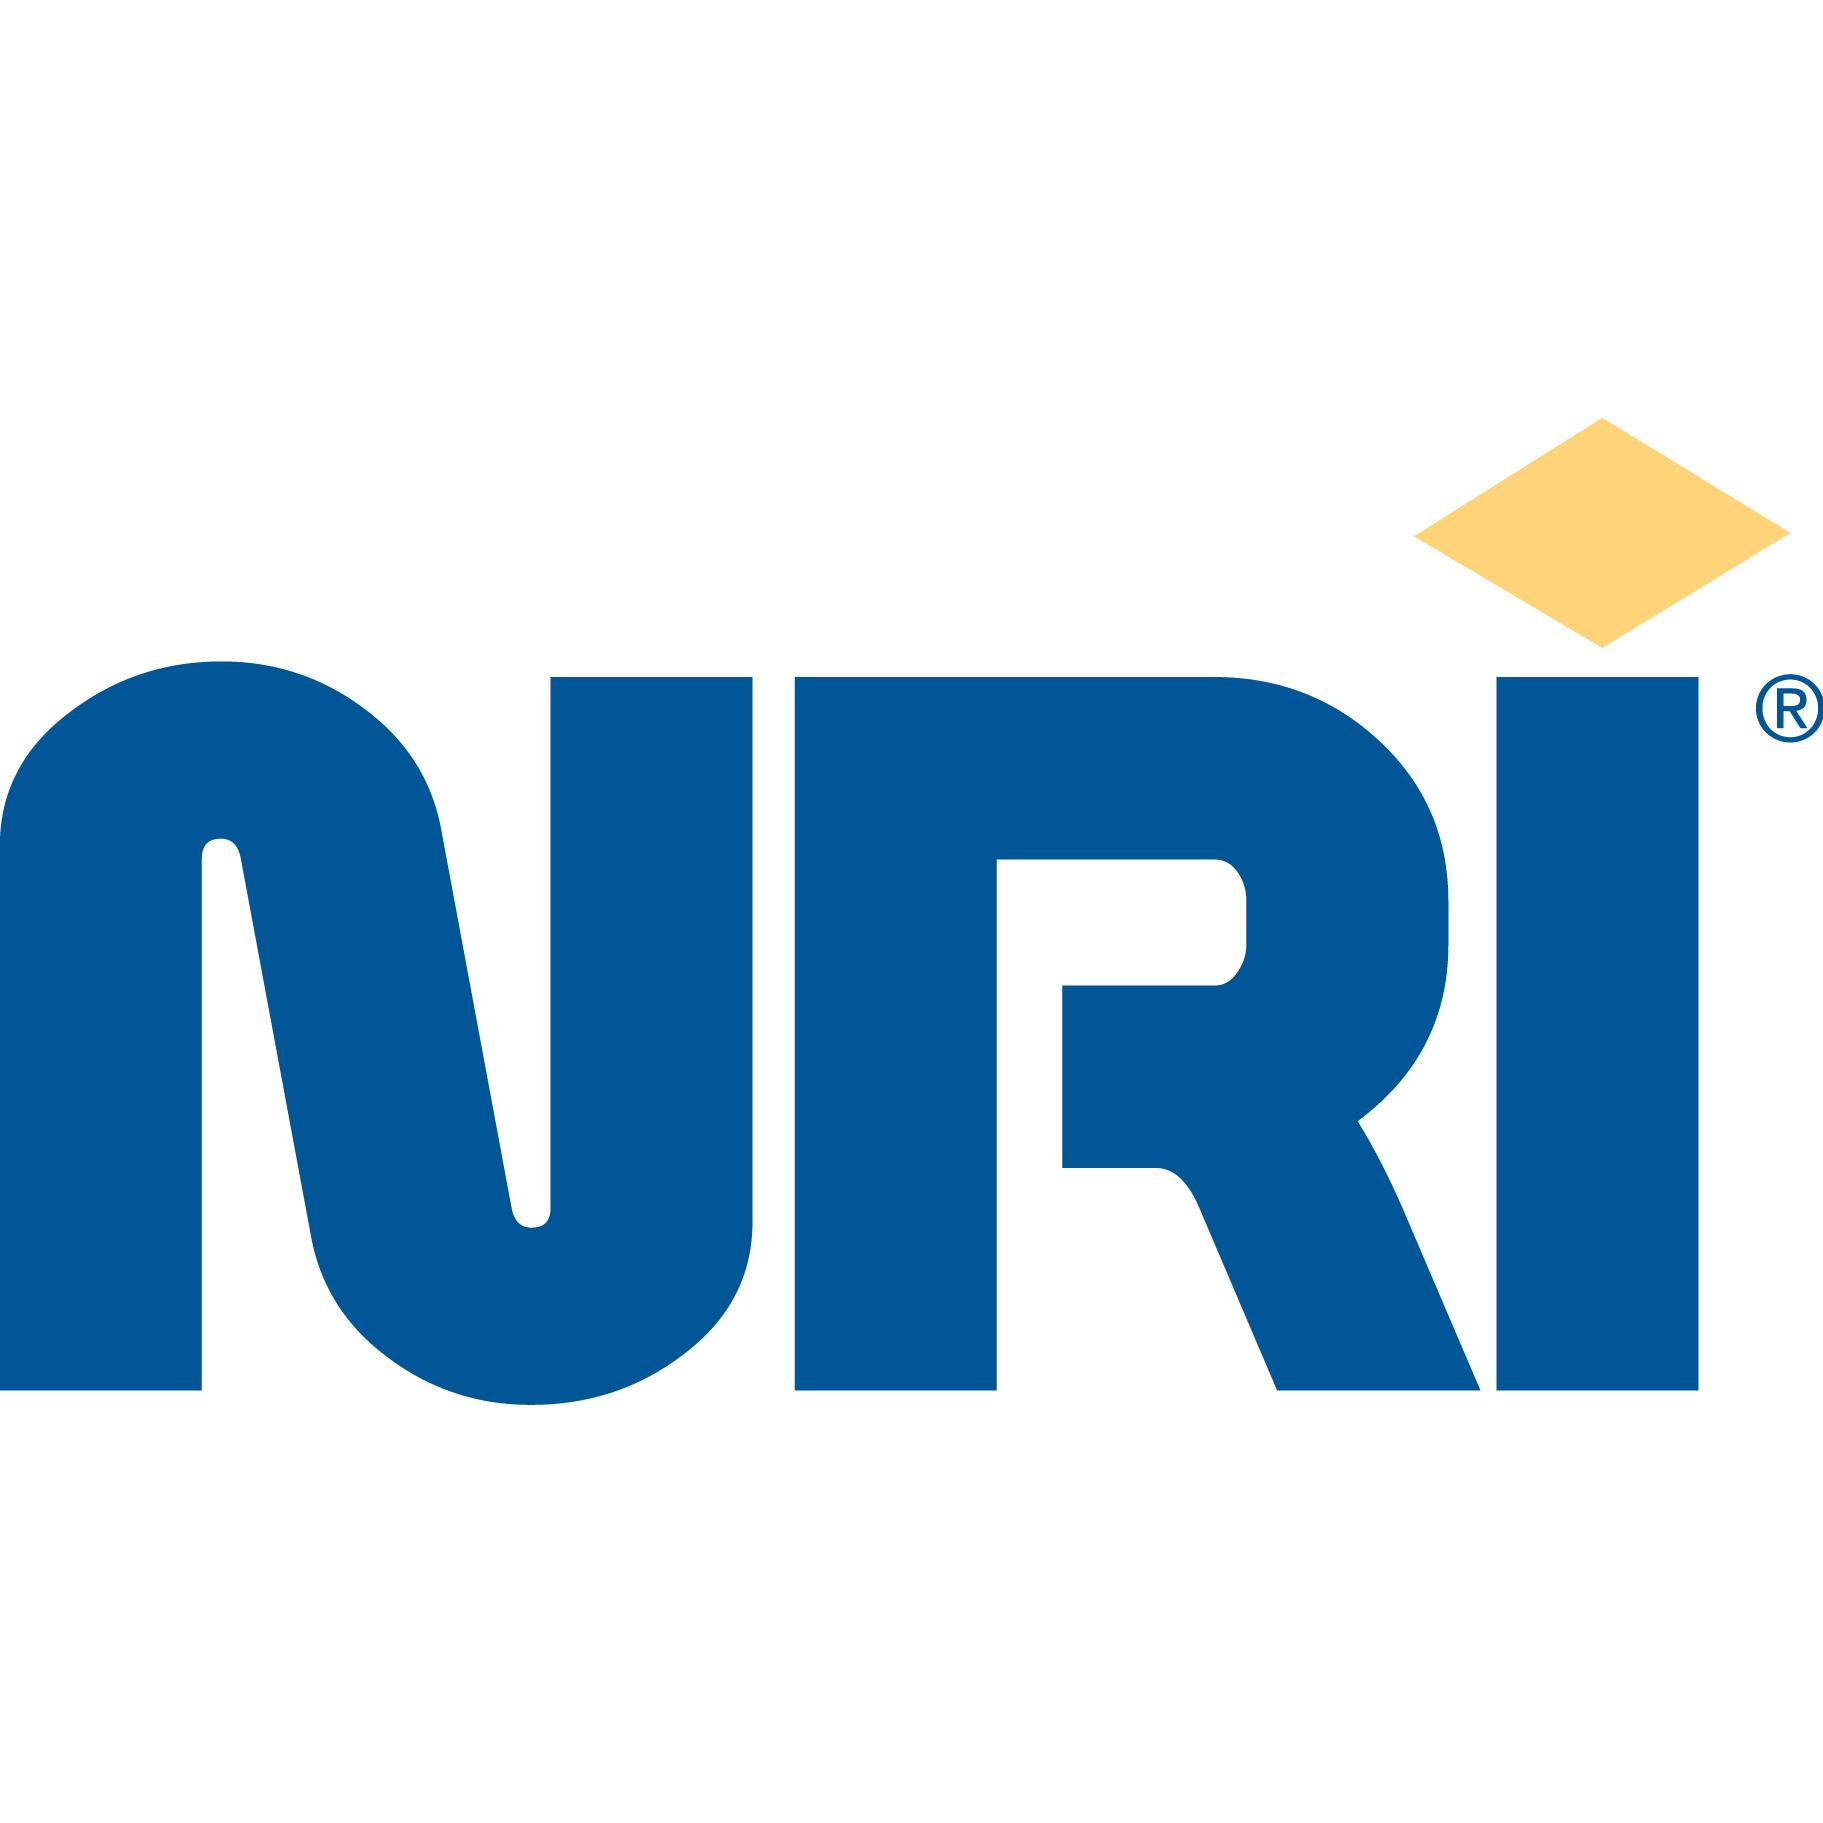 NRI - Neptune Research Inc.